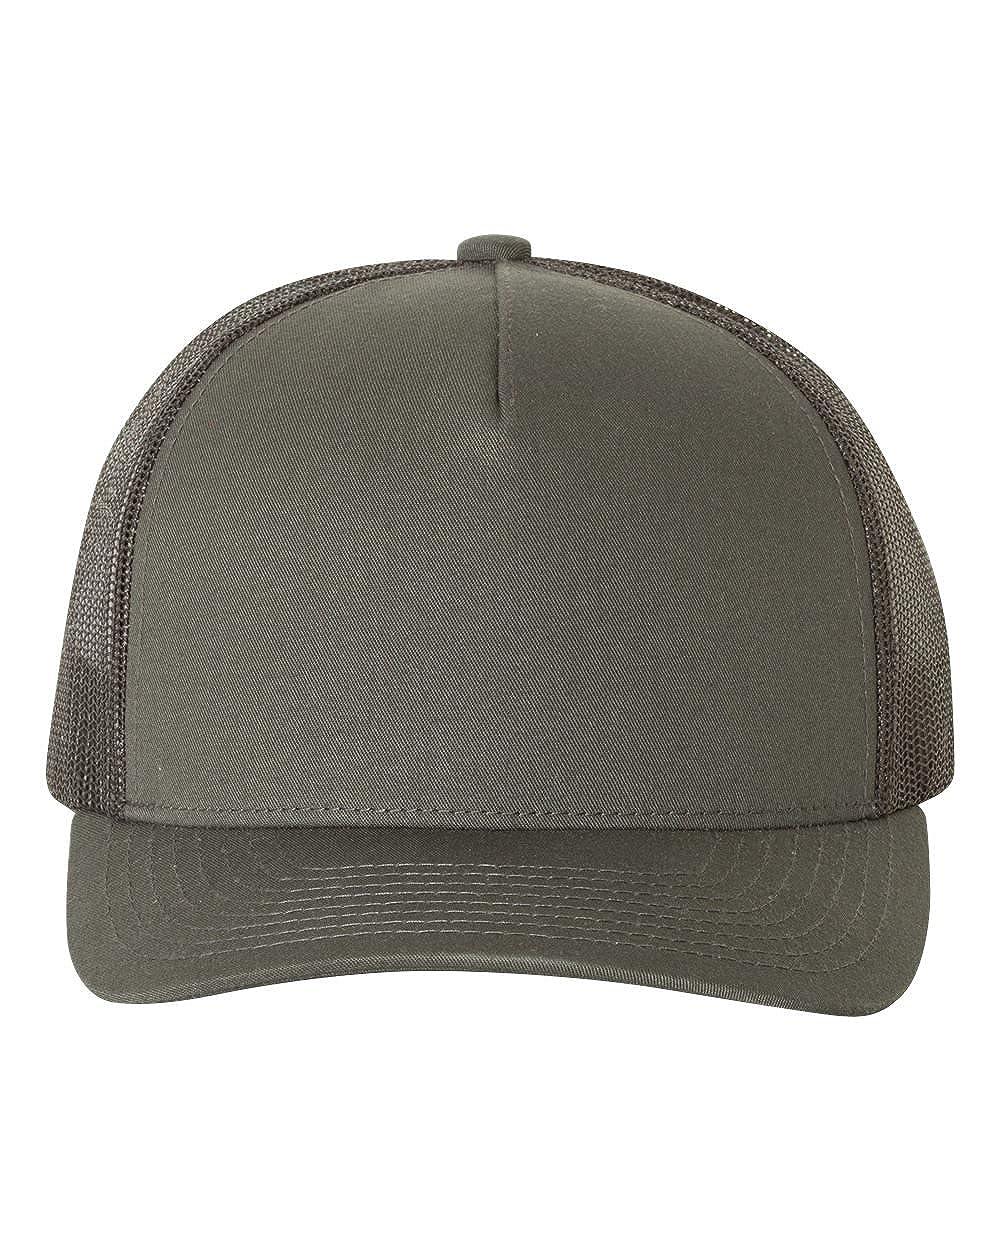 Yupoong HAT メンズ B077Y9GJF4 One Size|チャコールグレー チャコールグレー One Size